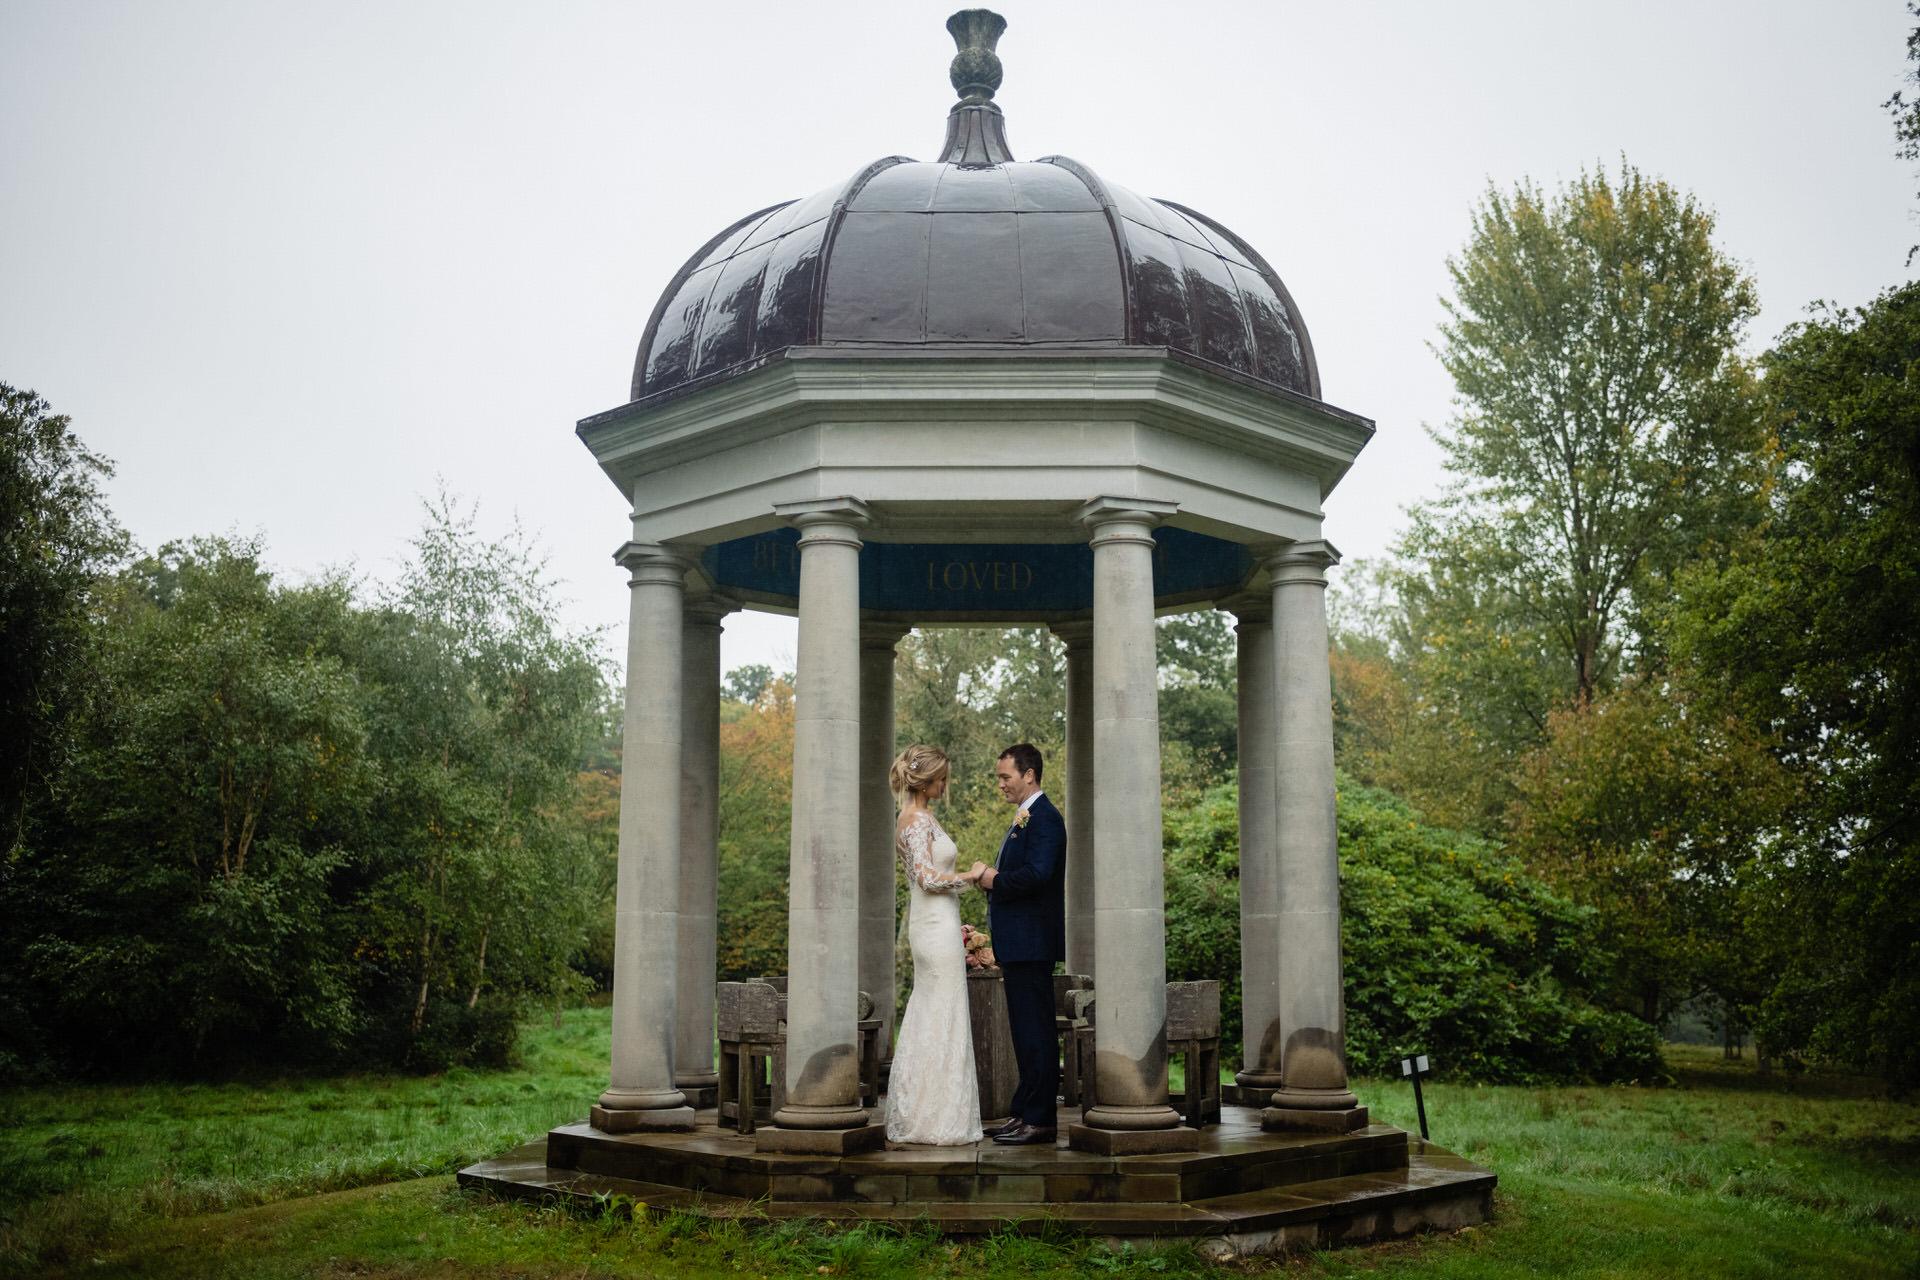 Wedding photographer Bignor Park